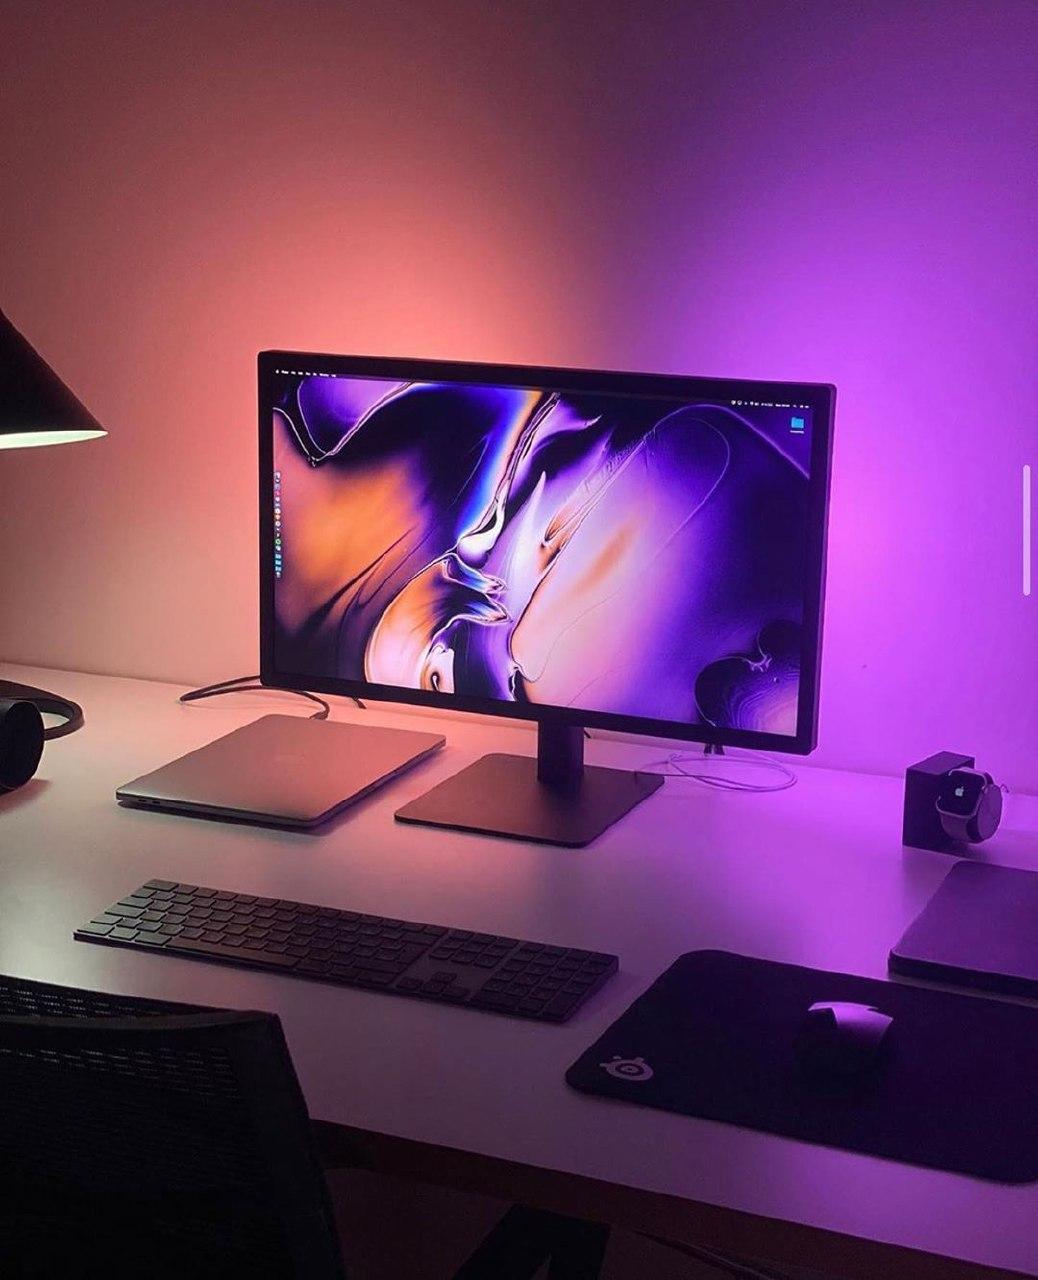 minimal setup